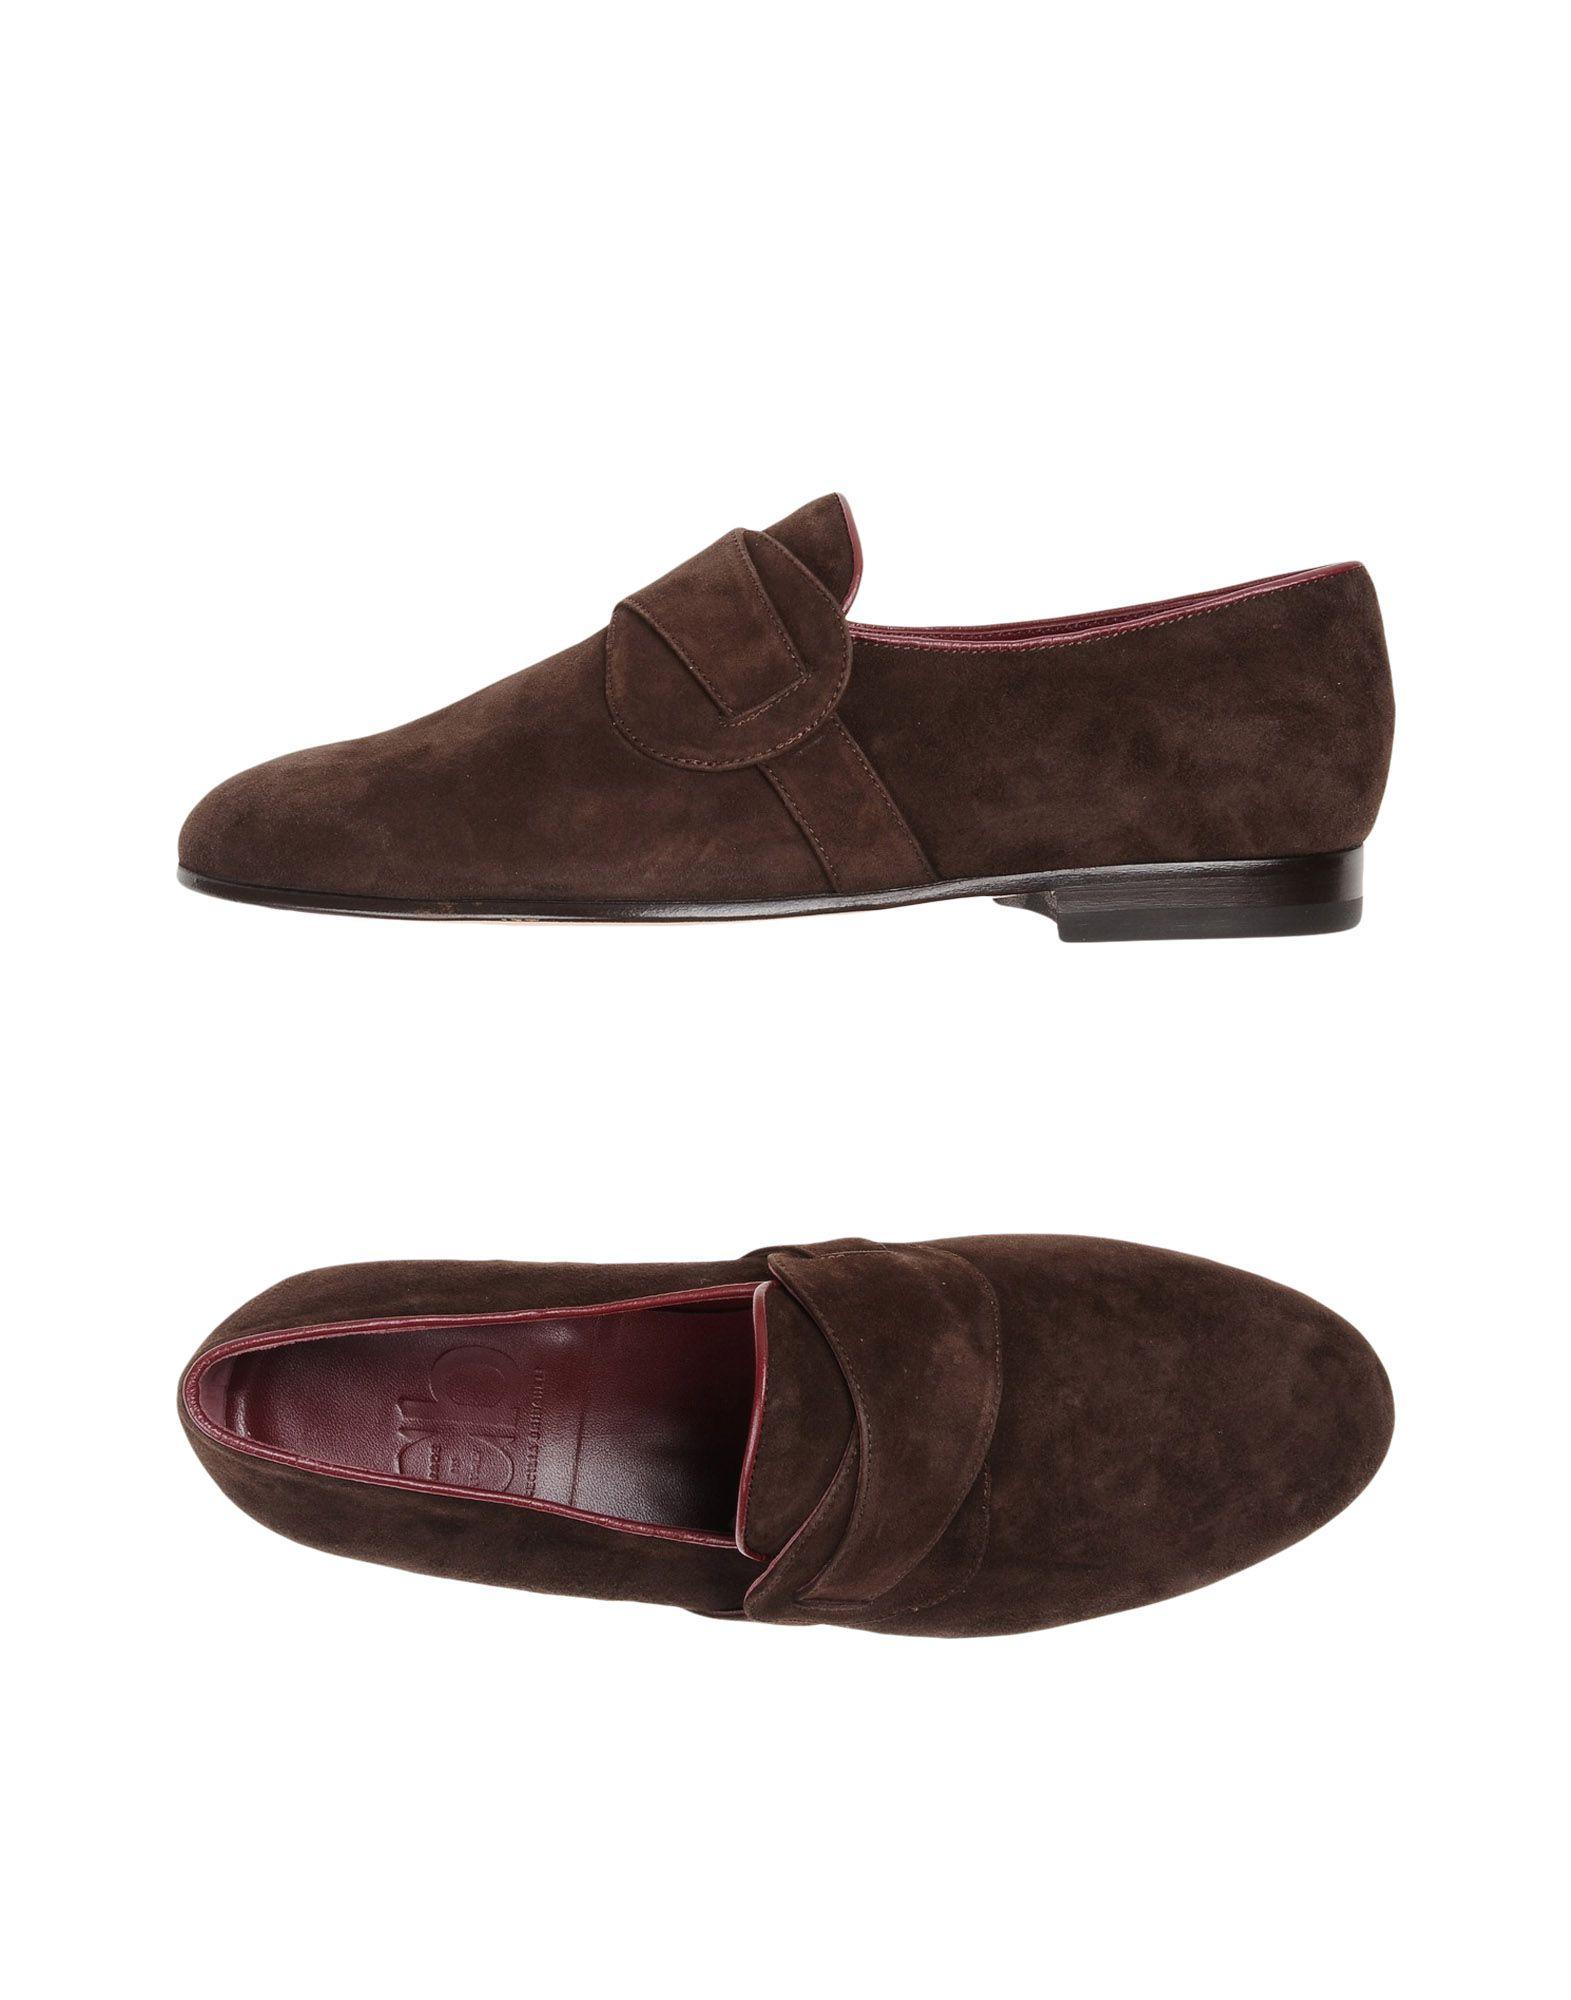 CB CECILIA BRINGHELI Loafers in Dark Brown